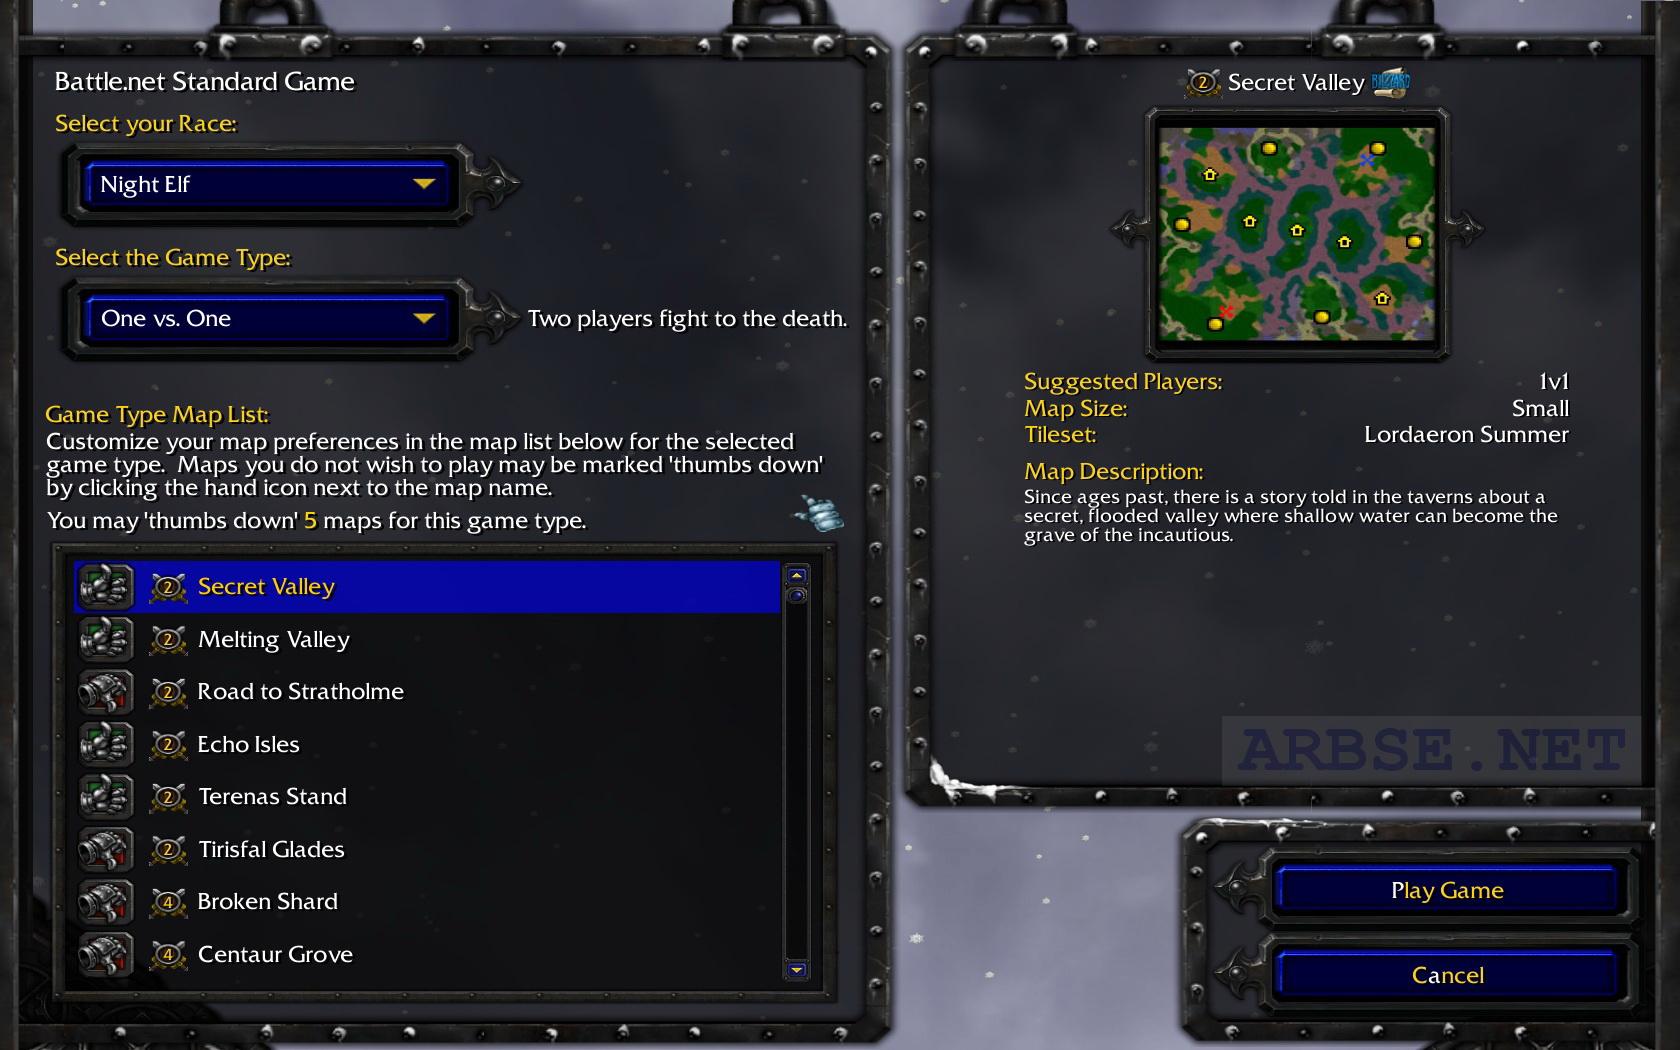 Все об игре warcraft ii : battle net edition, форум, обзор, отзывы, оценка игроков и редакции, чит коды, прохождение